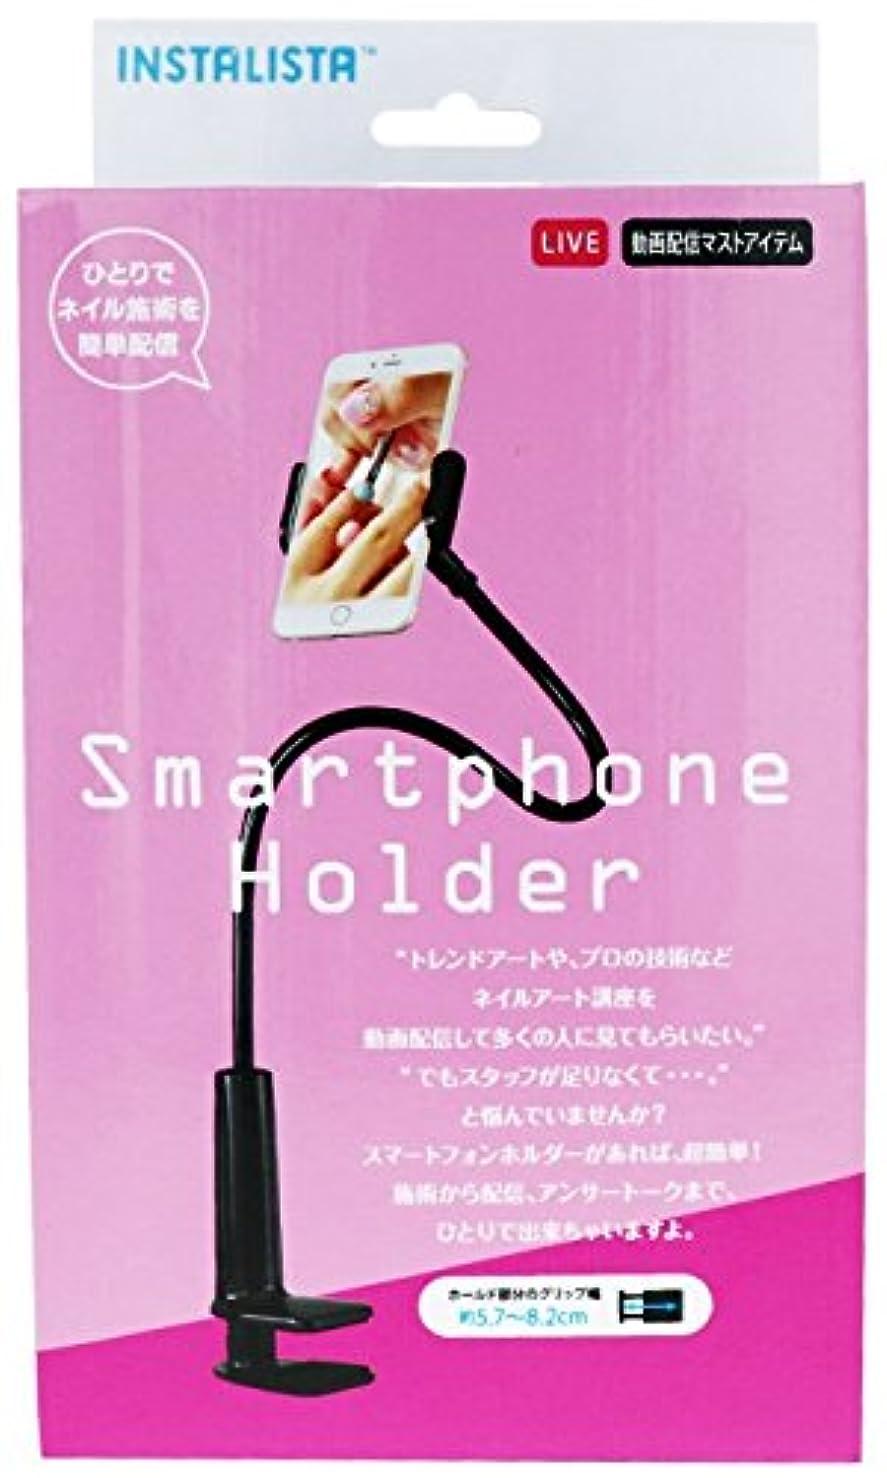 一瞬石膏良心ビューティーネイラー スマートフォン ホルダー INS-002